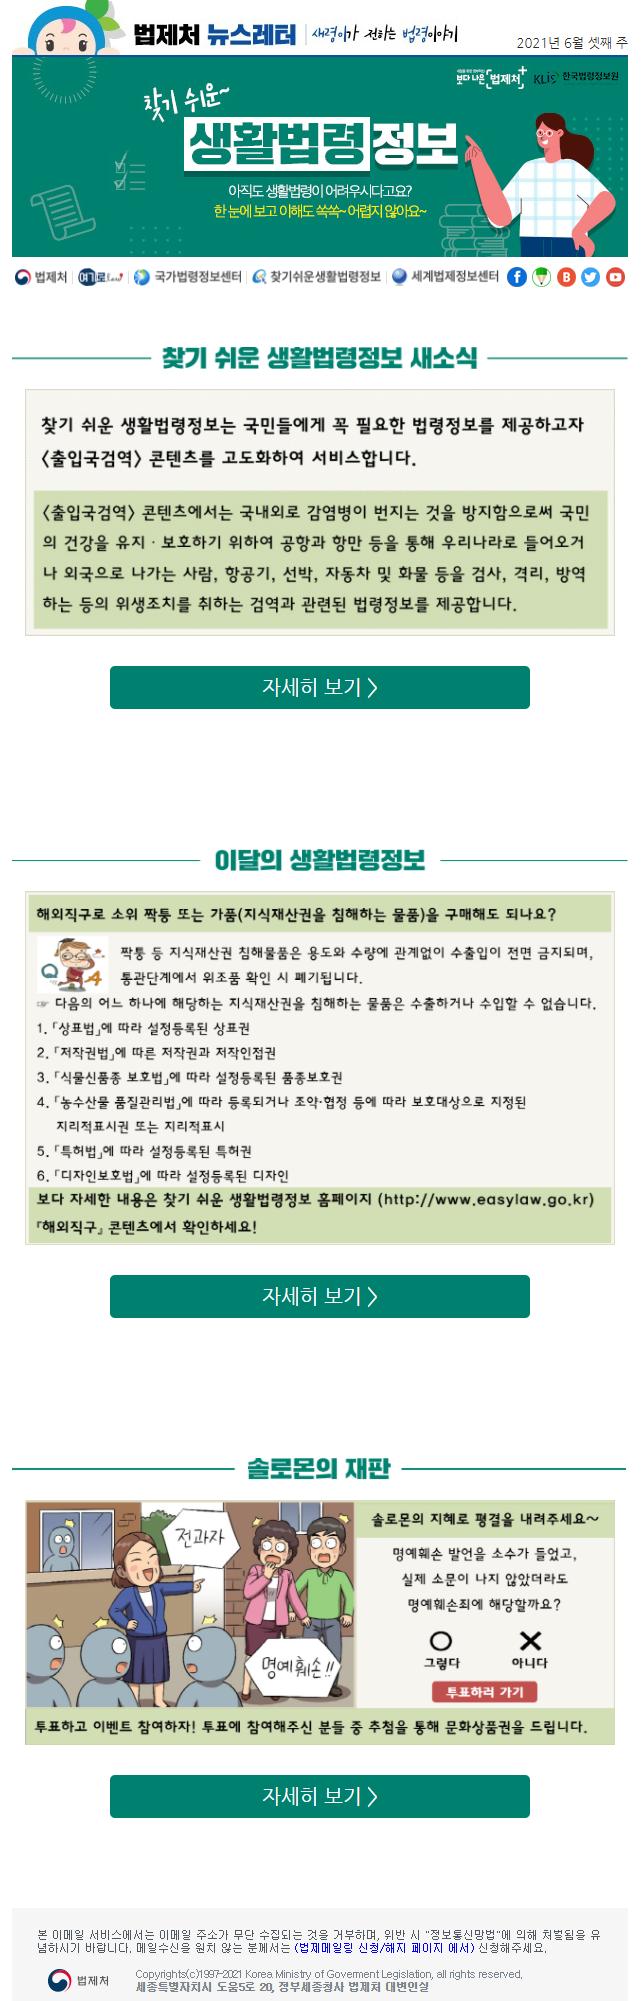 2021년 6월 찾기 쉬운 생활법령정보 뉴스레터